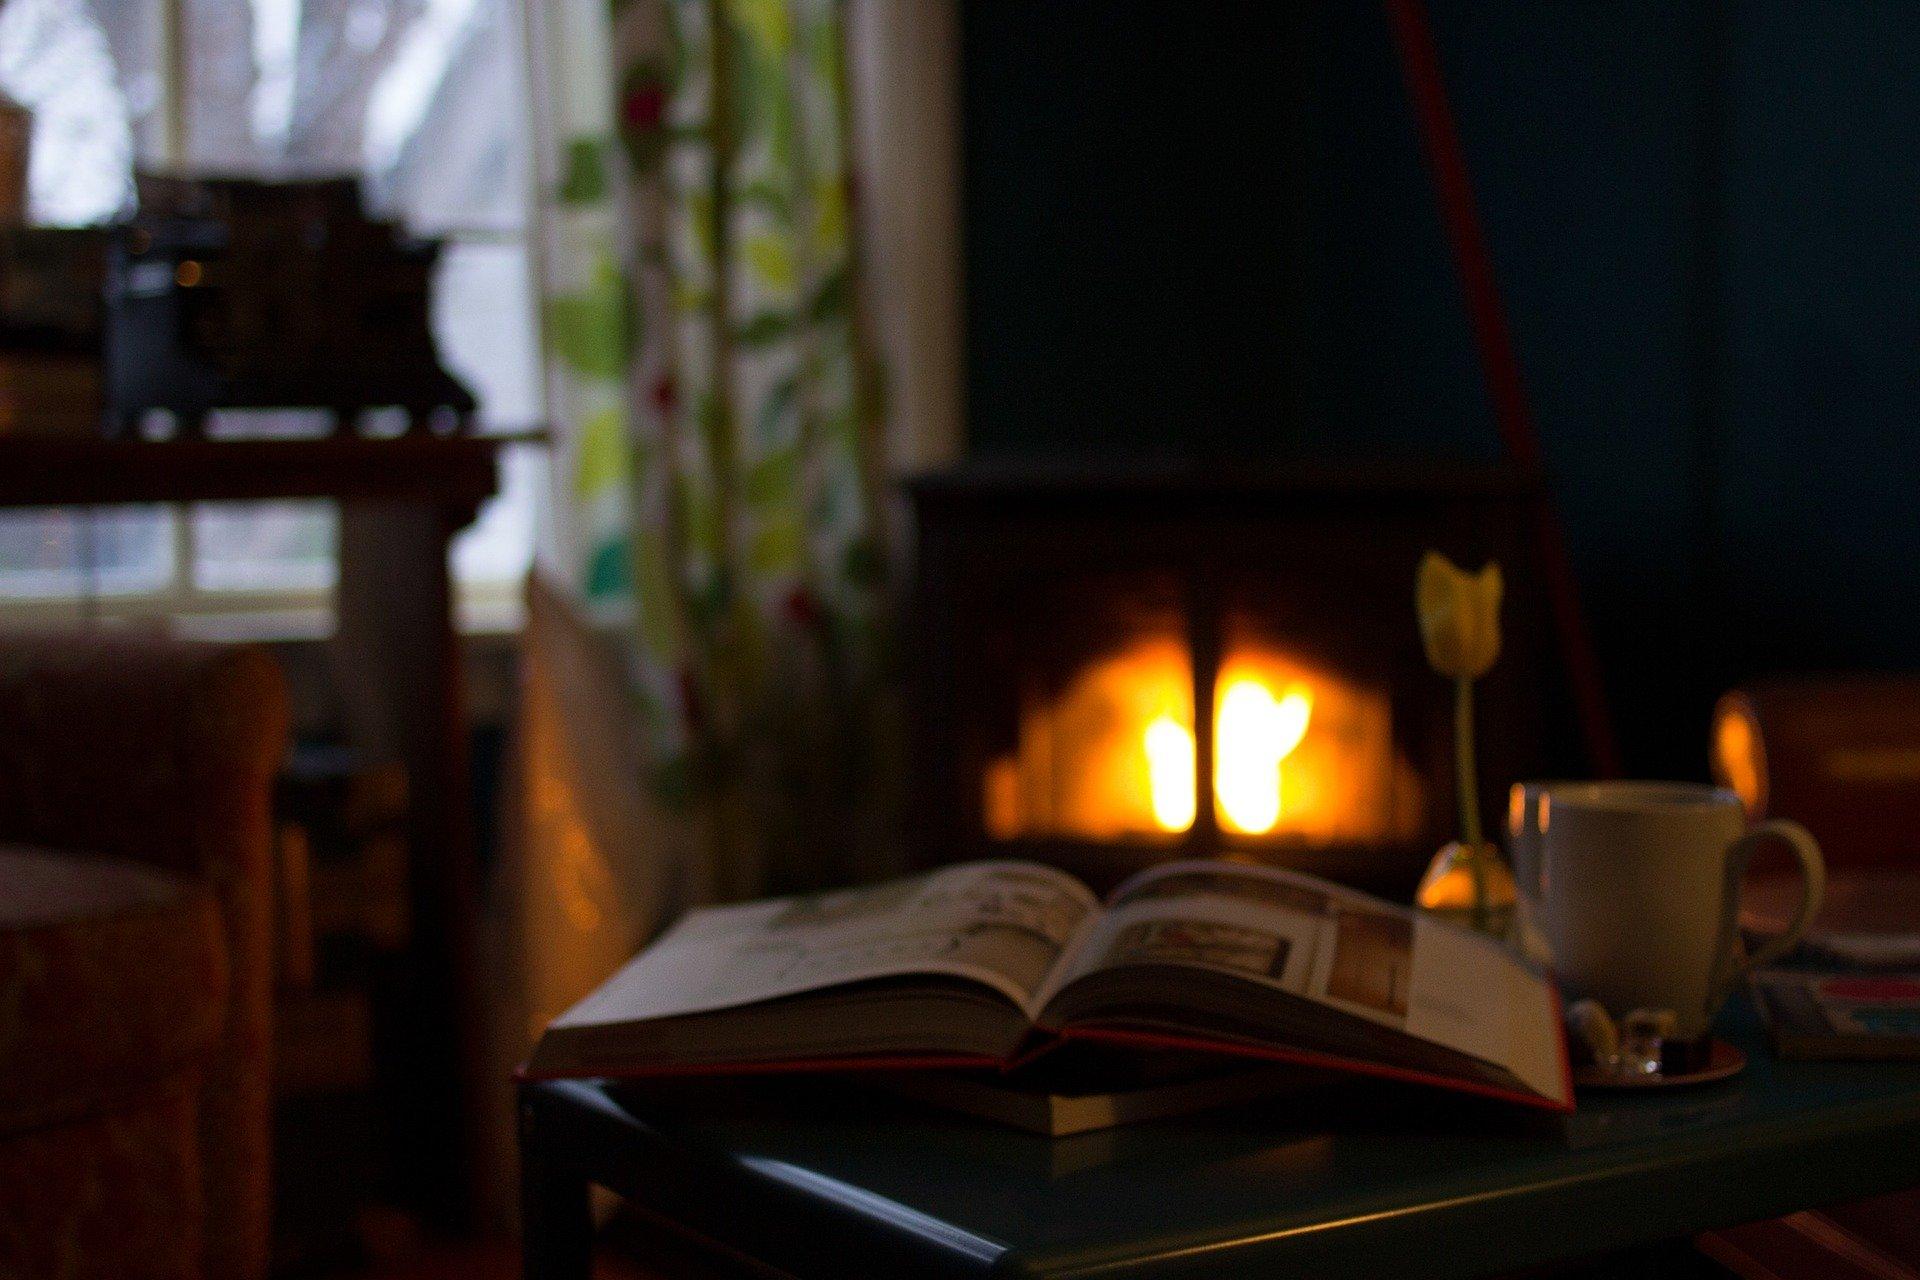 Książka na weekend – lista najlepszych książek do czytania pod kocykiem